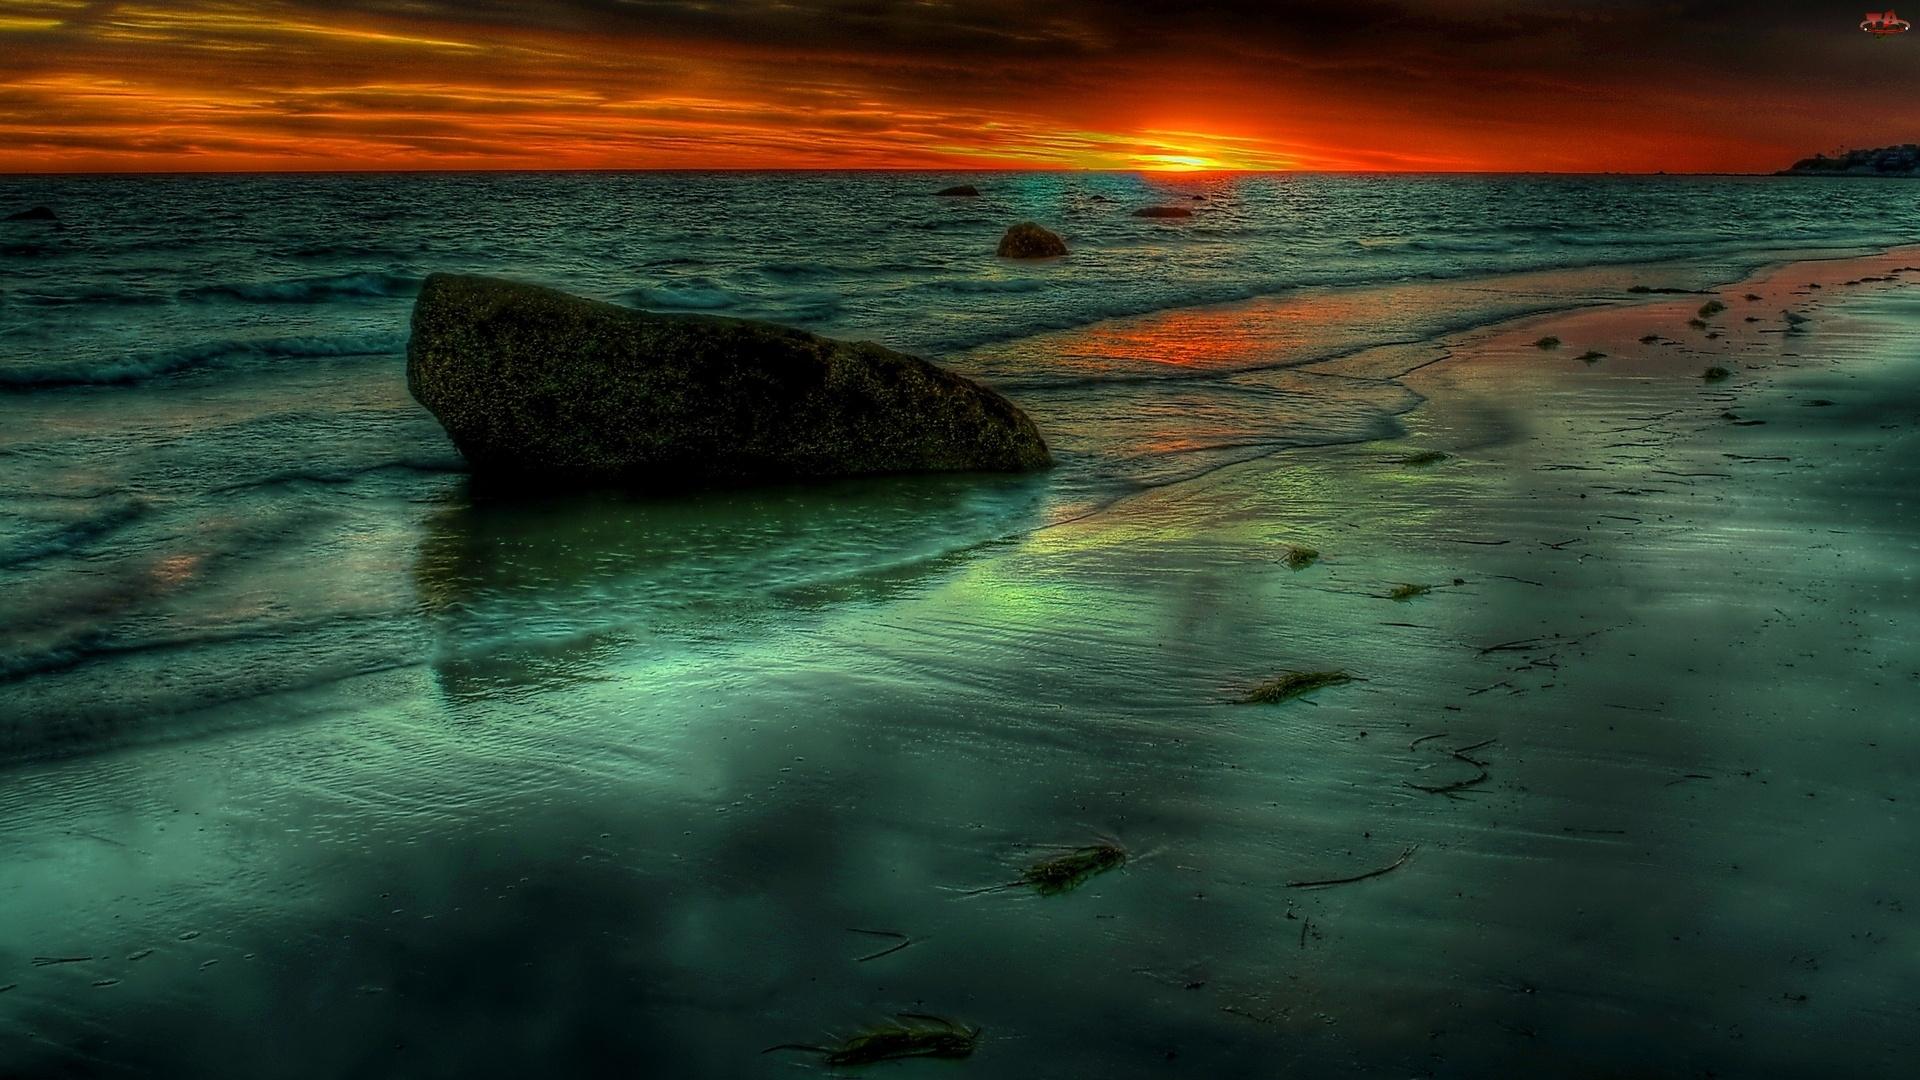 Słońca, Plaża, Kamień, Morze, Zachód